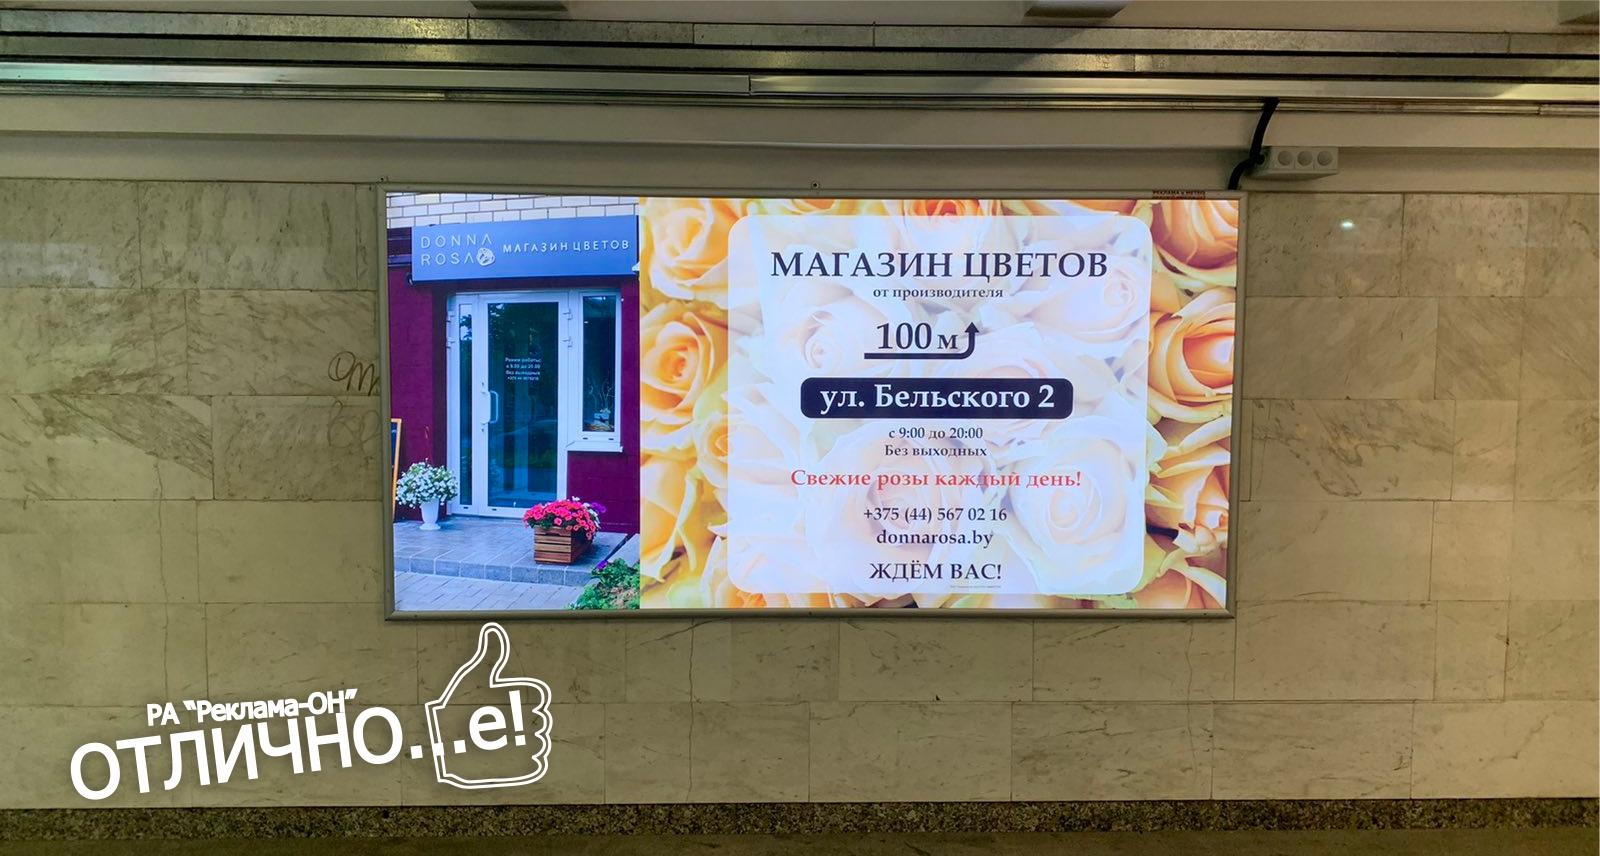 Ультраяркий световой лайтбокс на станции метро Спортивная (переход) reklama-on.by